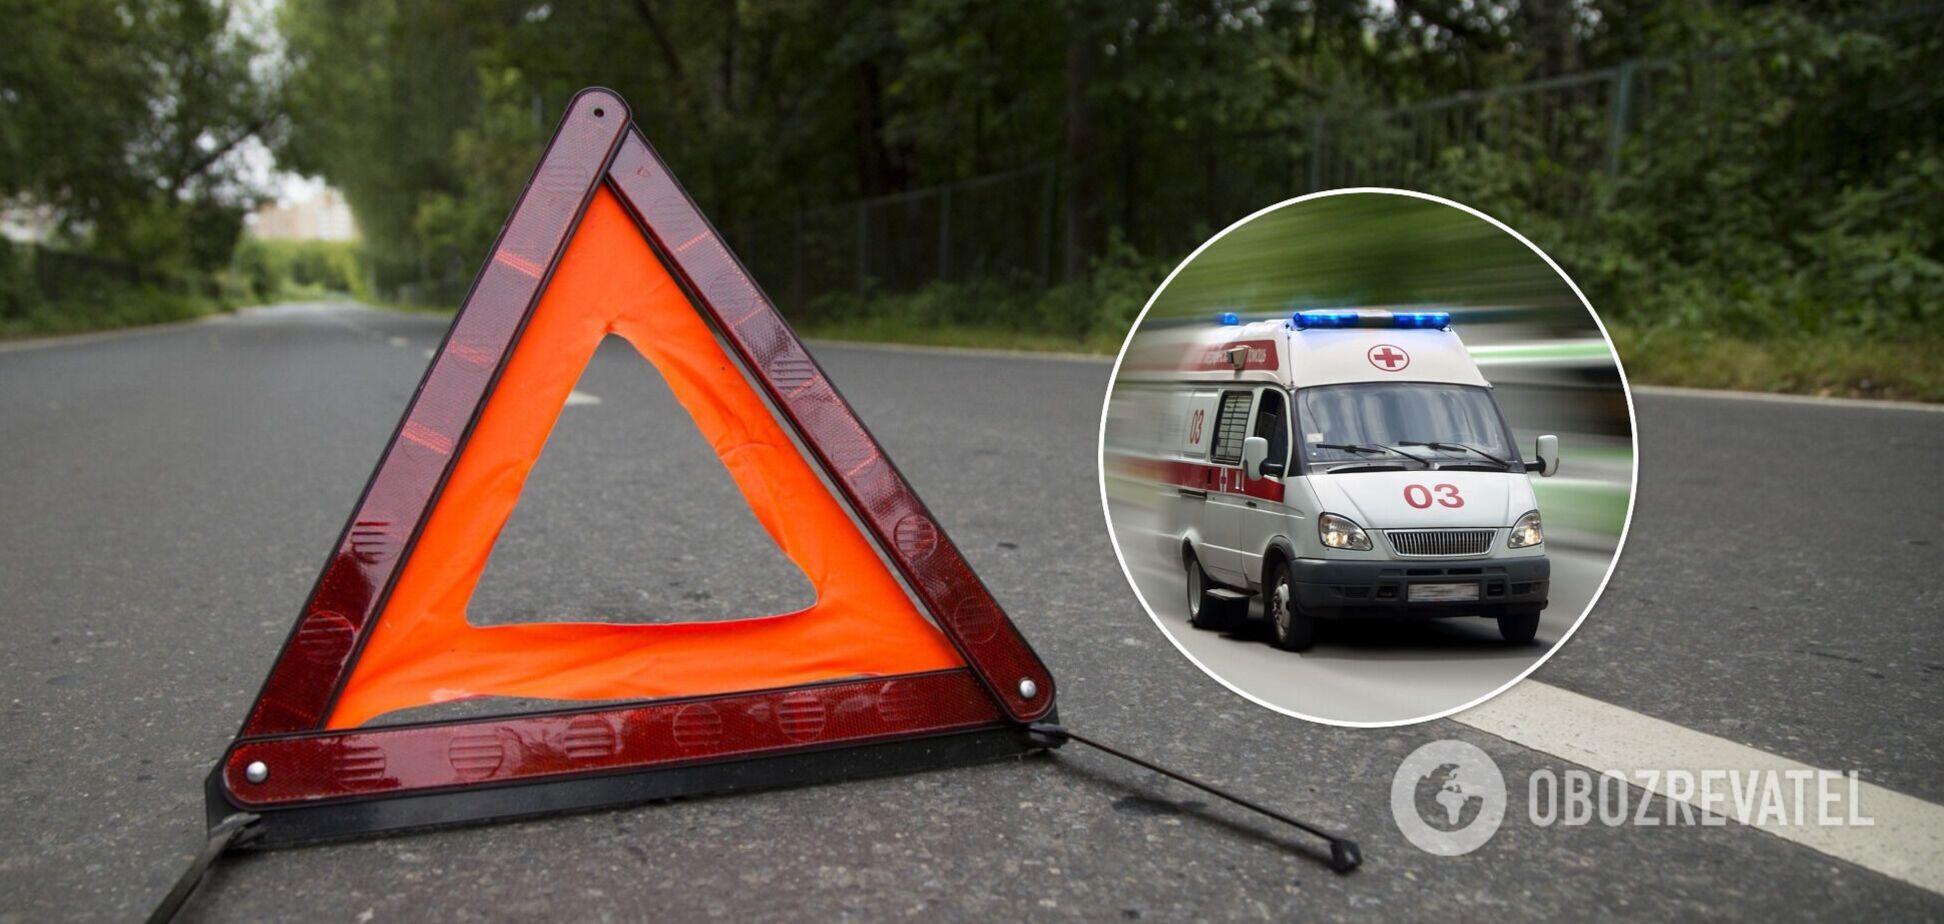 На Луганщине перевернулся микроавтобус с пассажирами: 15 пострадавших